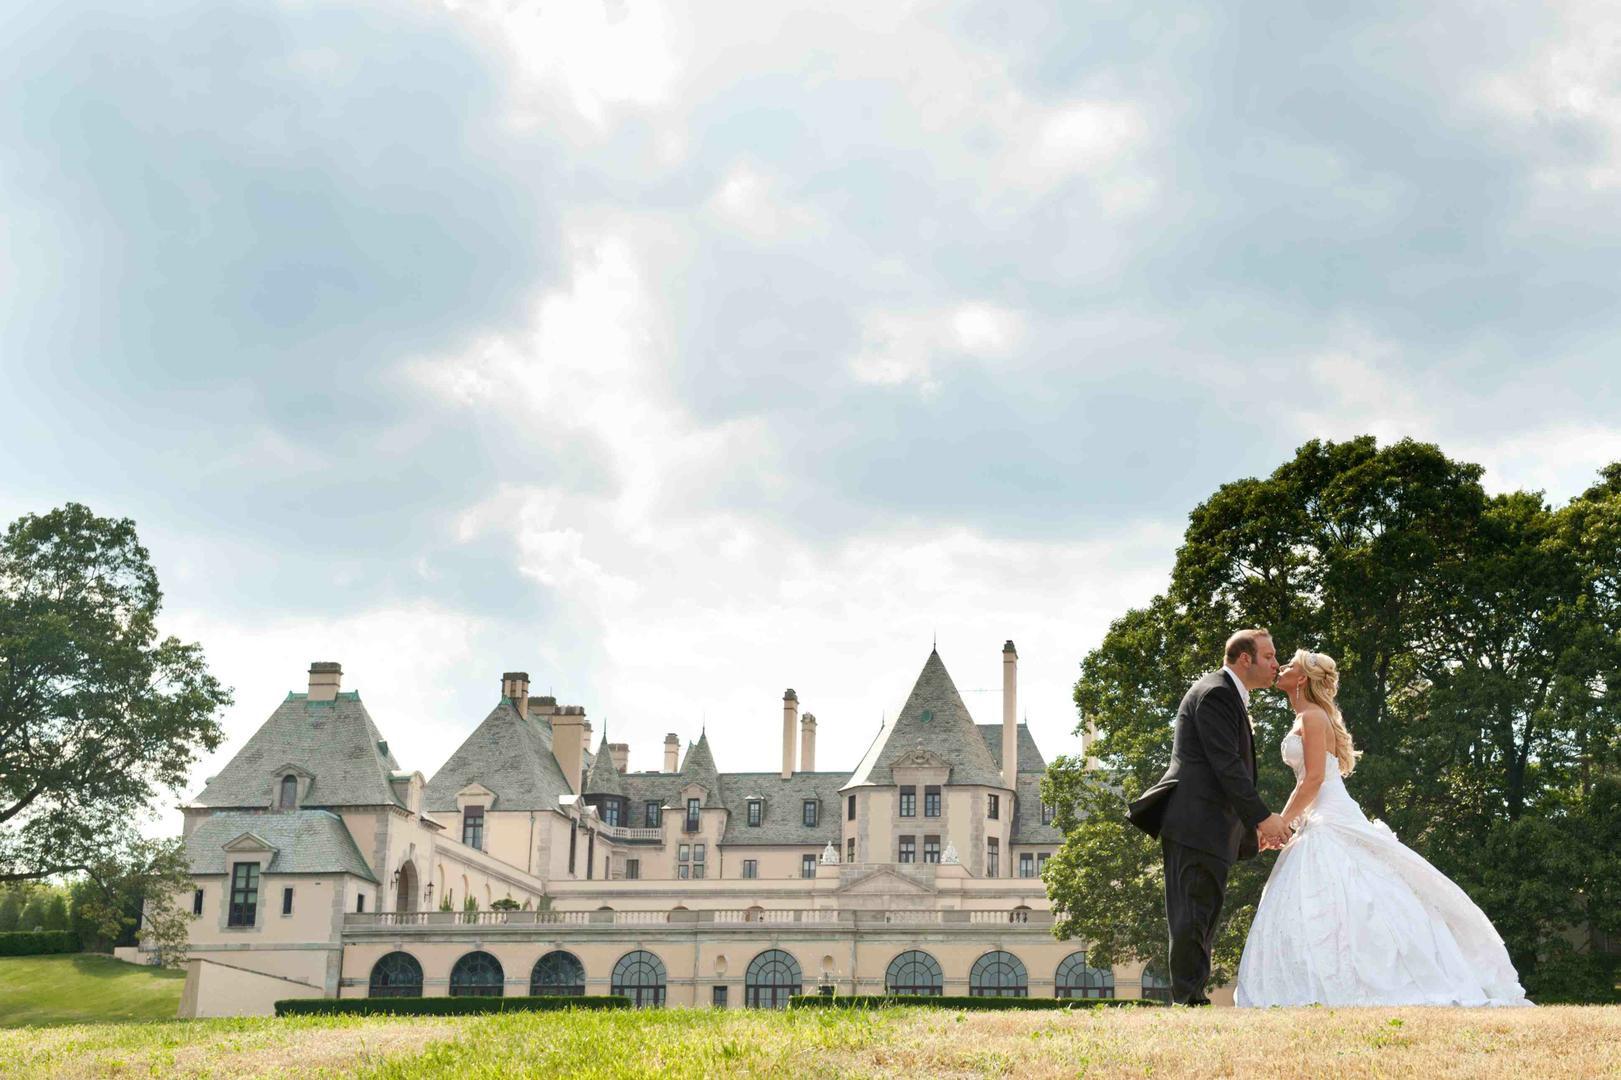 4 sự thật về toà lâu đài mà chỉ giới nhà giàu ở Mỹ mới dám thuê tổ chức đám cưới, Taylor Swfit là ngôi sao hiếm hoi từng quay MV ở đây - Ảnh 8.